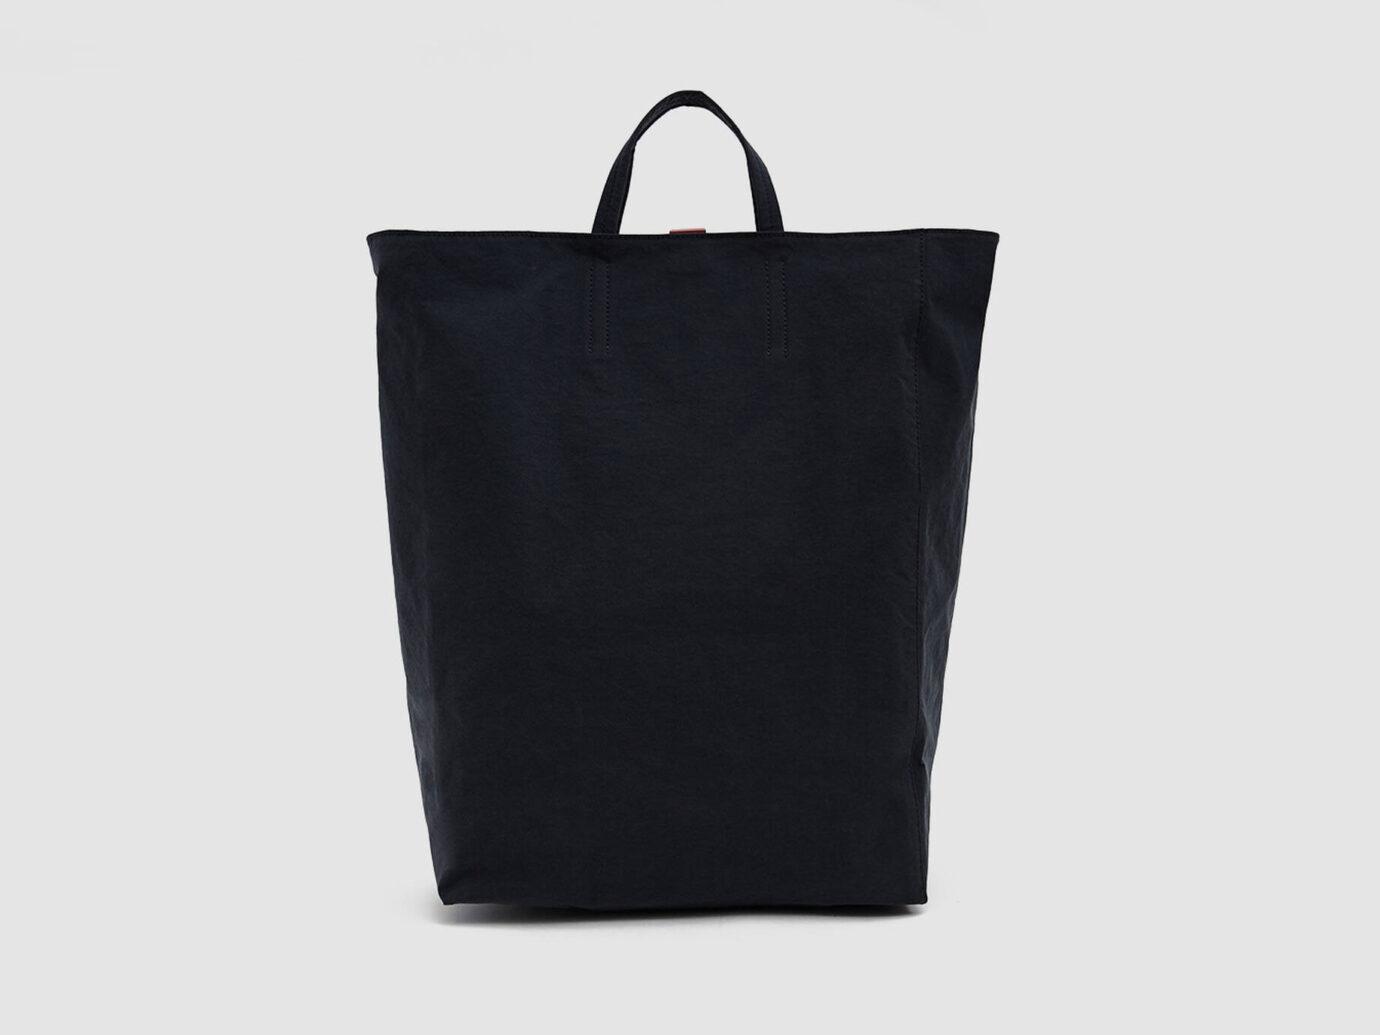 Acne Studios Baker Tote Bag in Black